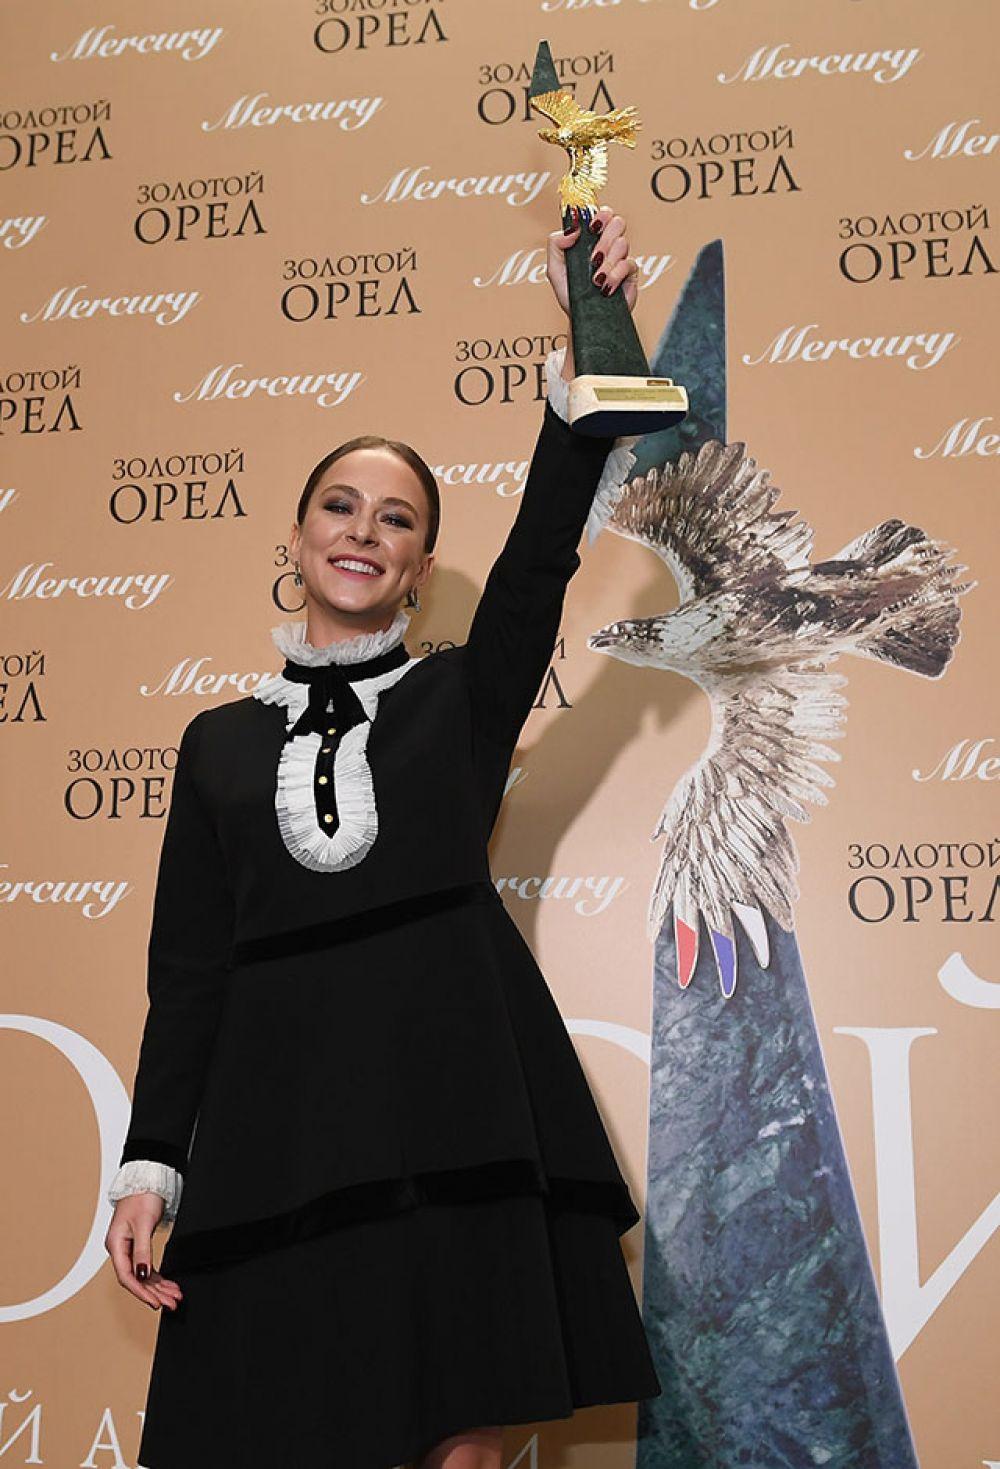 Актриса Аглая Тарасова, победившая в номинации «Лучшая женская роль в кино» (Надя в фильме «Лед» Олега Трофима).